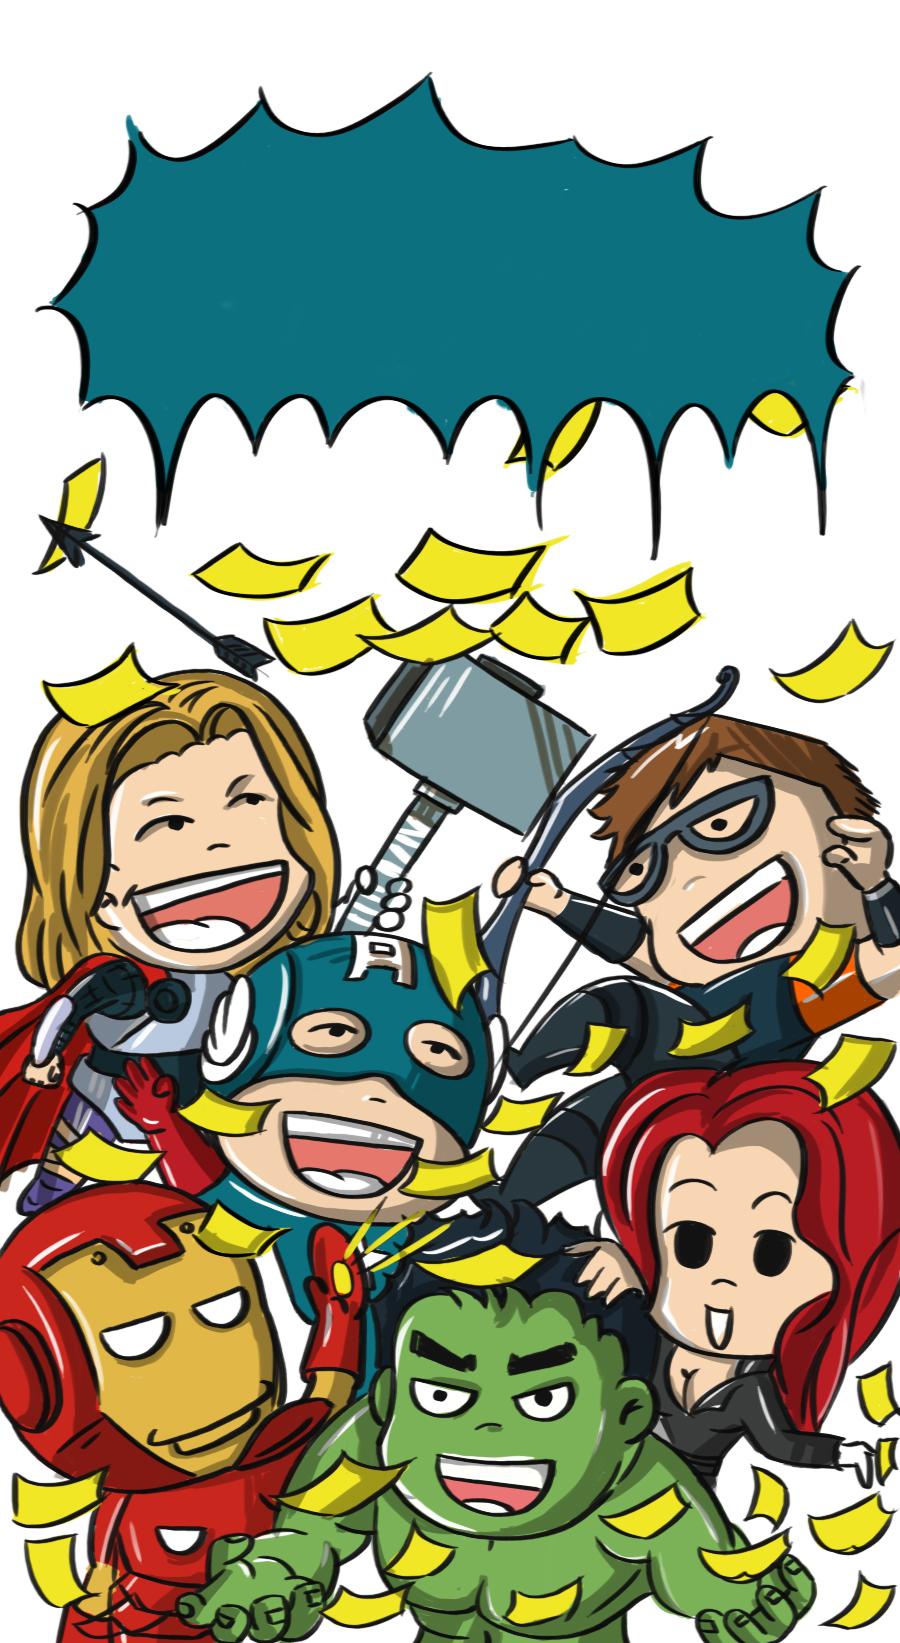 复仇者联盟卡通版 手绘卡通超级英雄